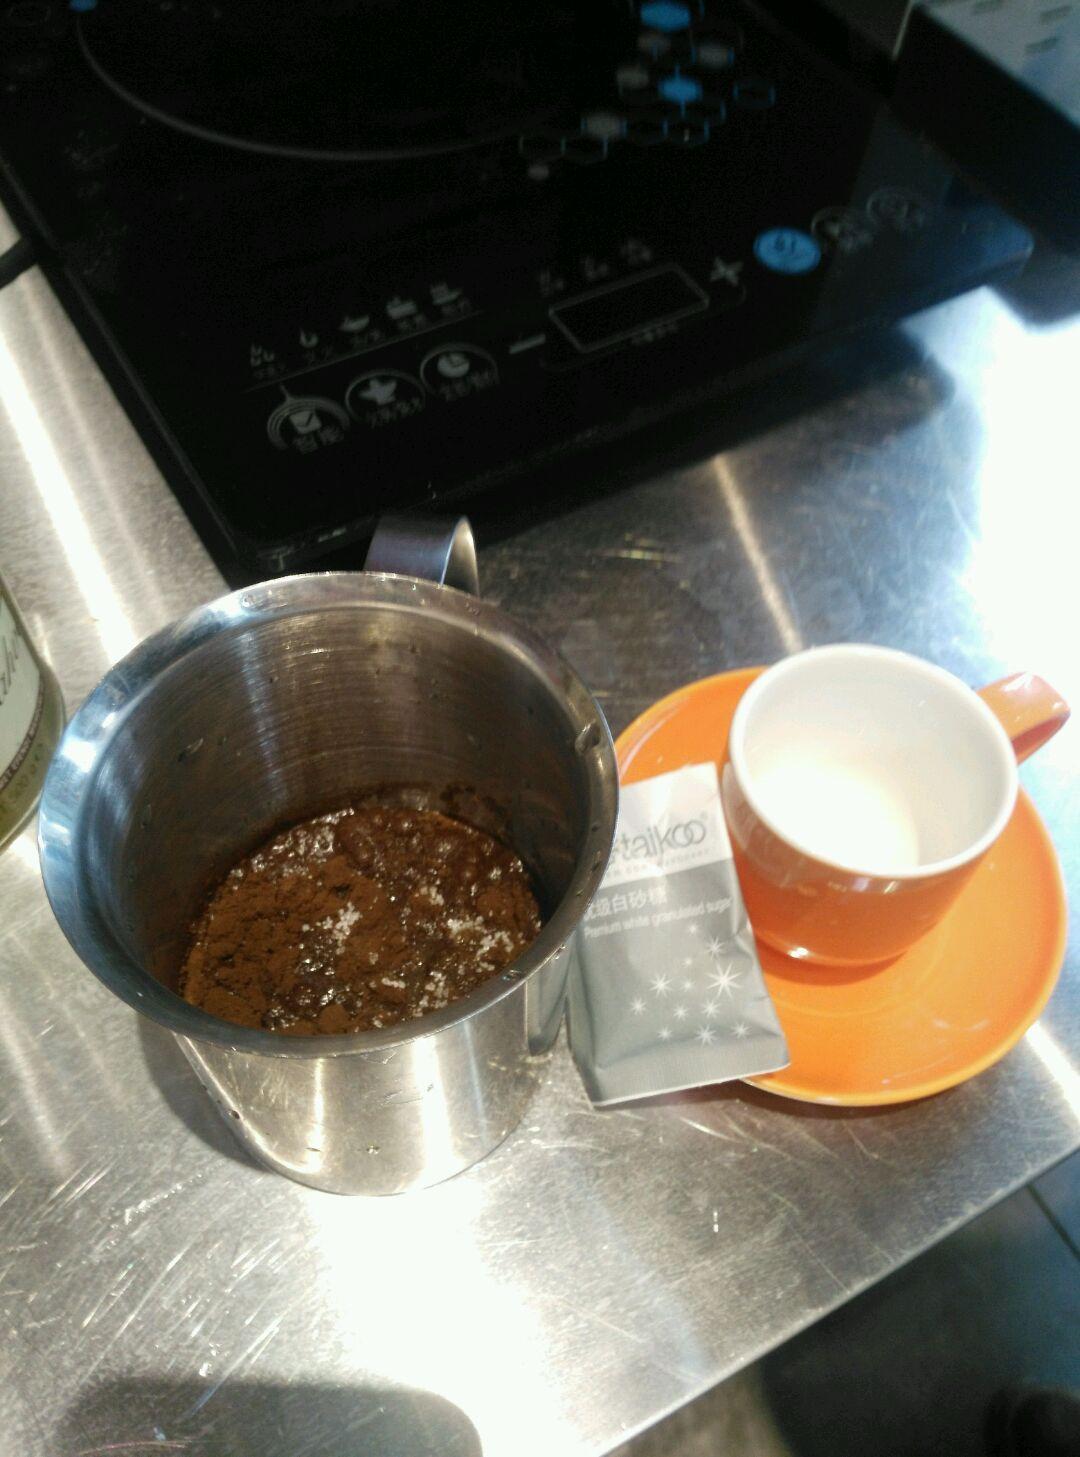 土耳其咖啡的做法_【图解】土耳其咖啡怎么做如何做